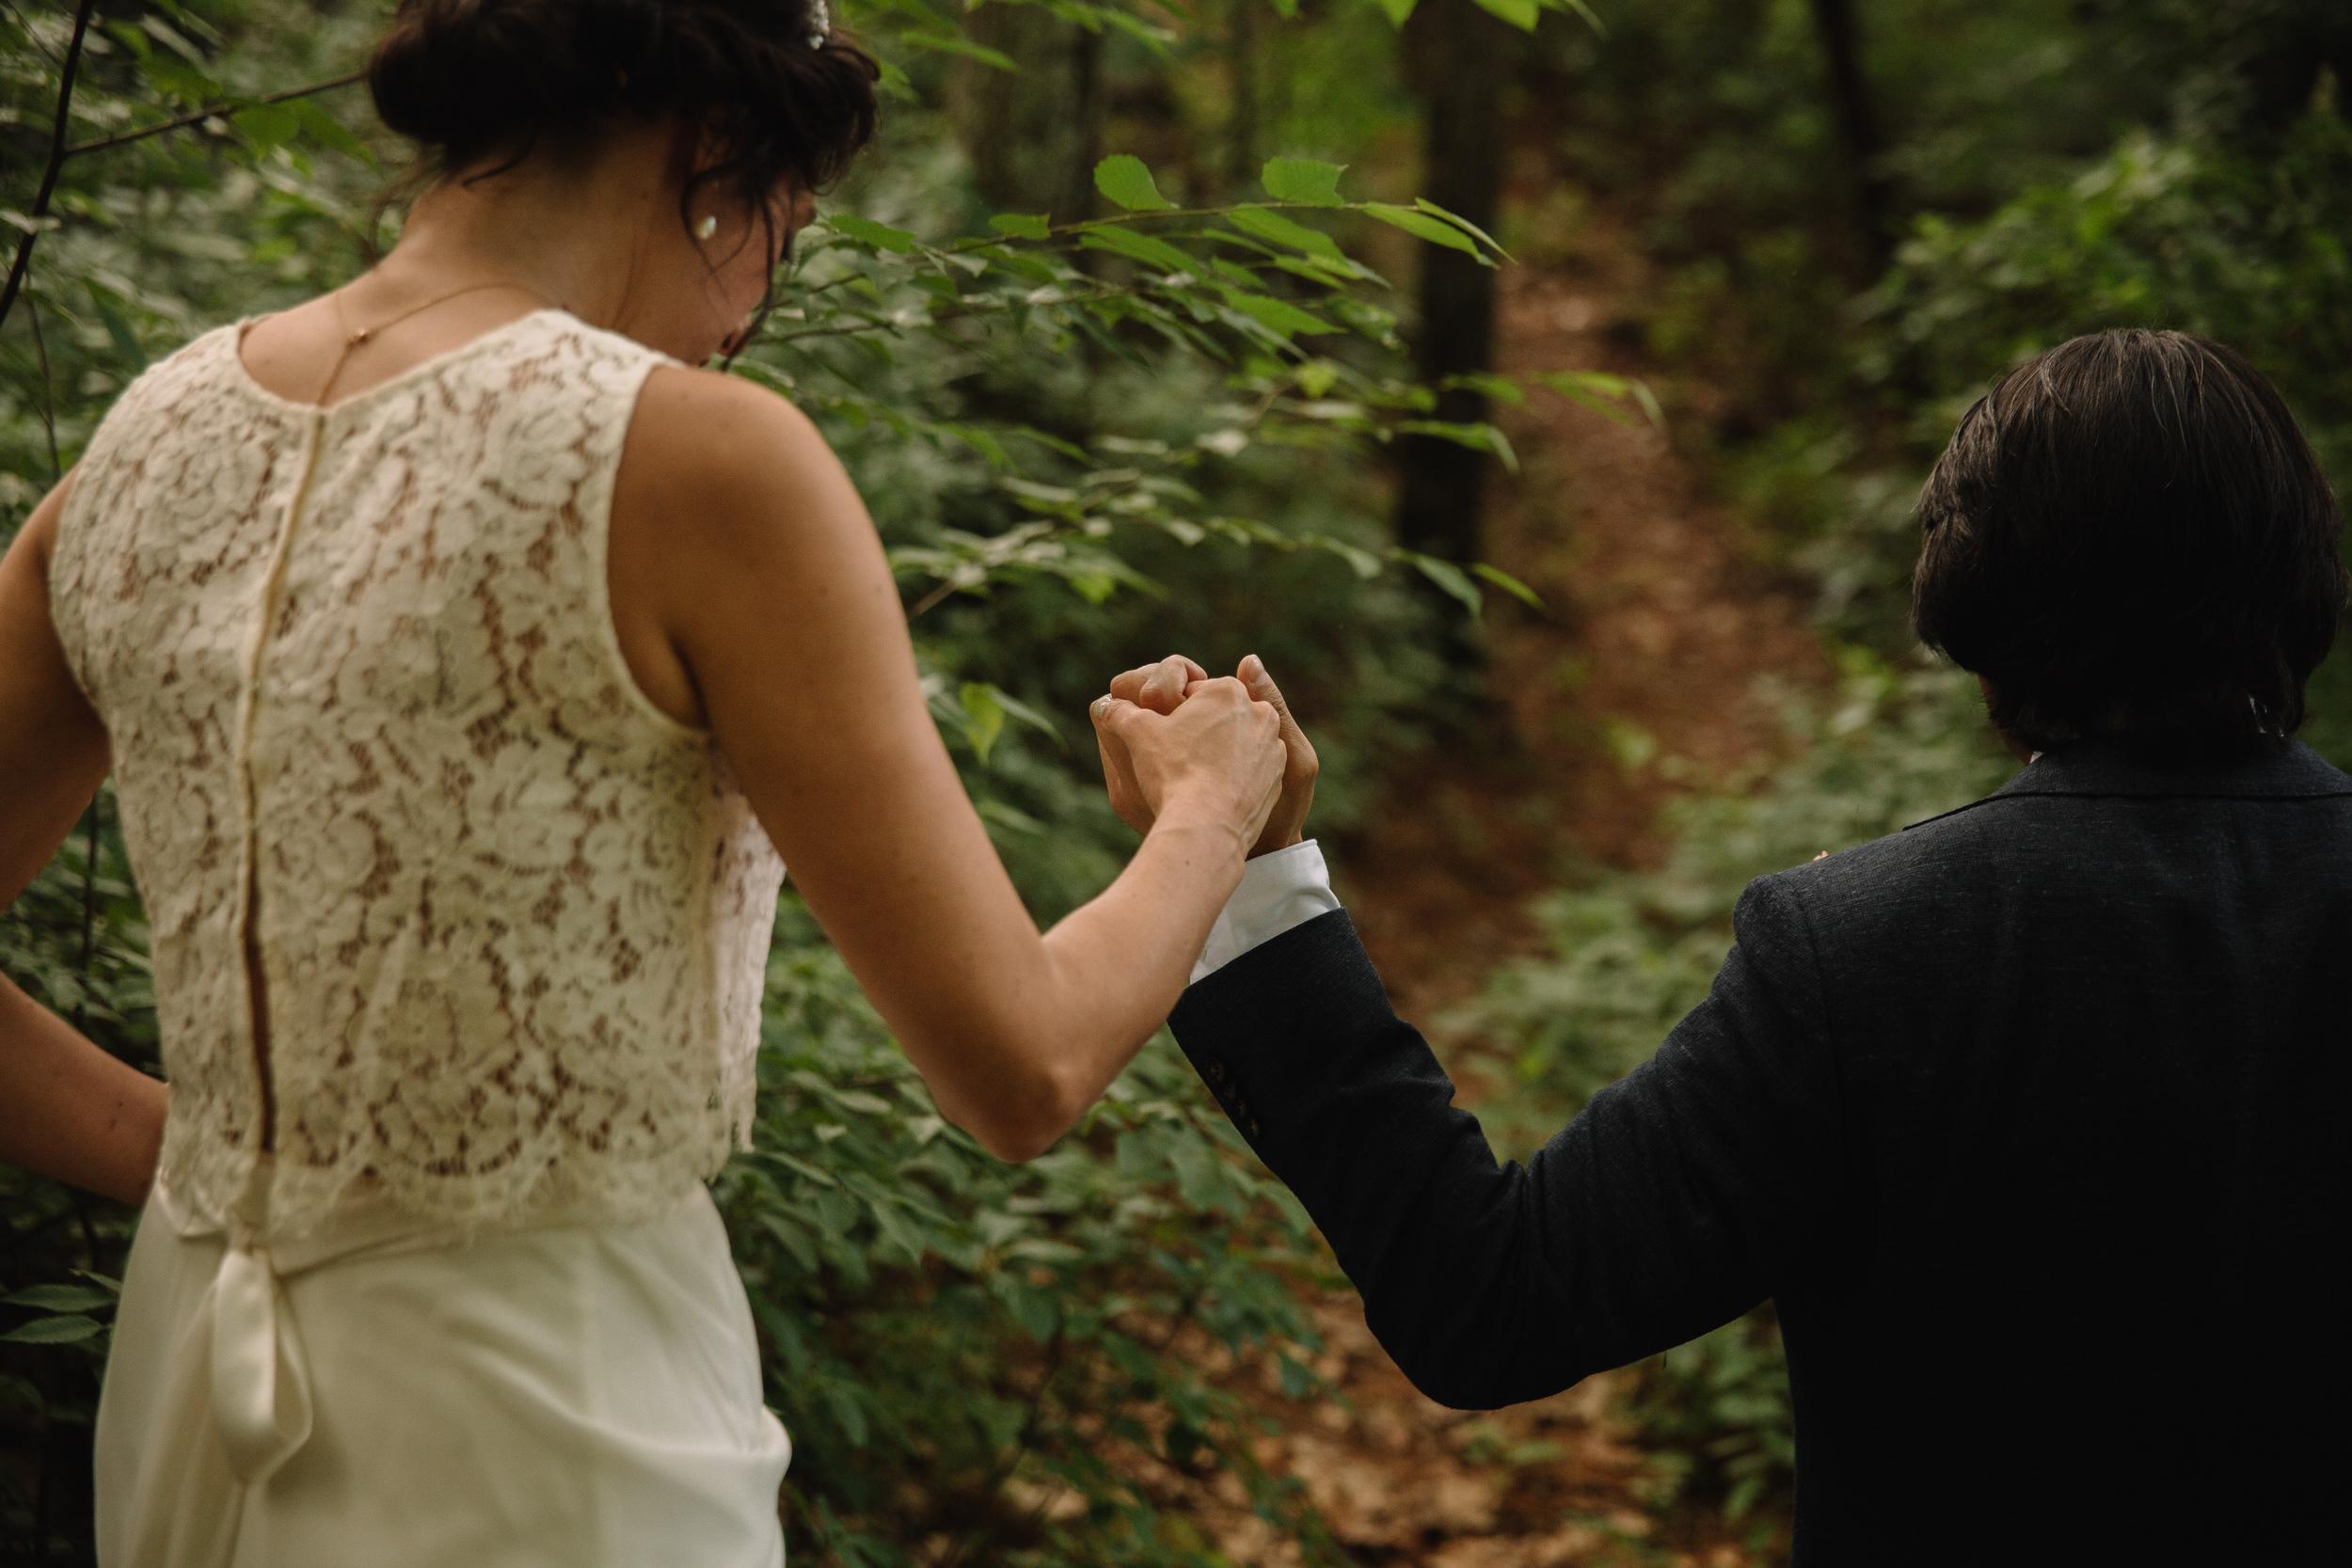 capecod_backyard_wedding_photos_mikhail_10.JPG